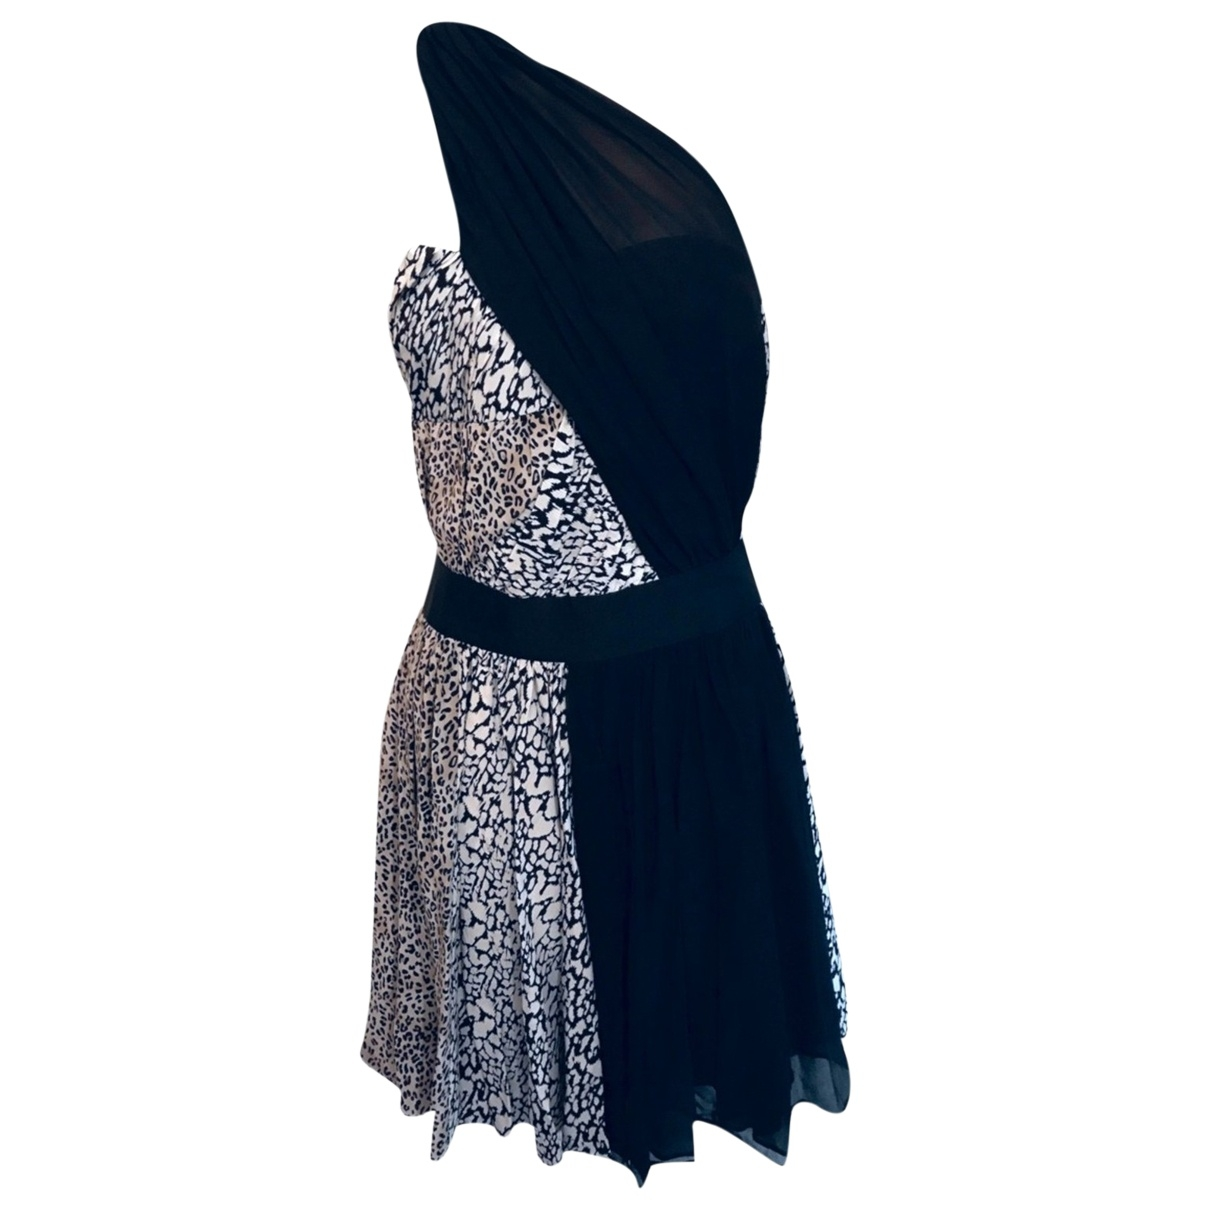 Reiss - Robe   pour femme en soie - noir